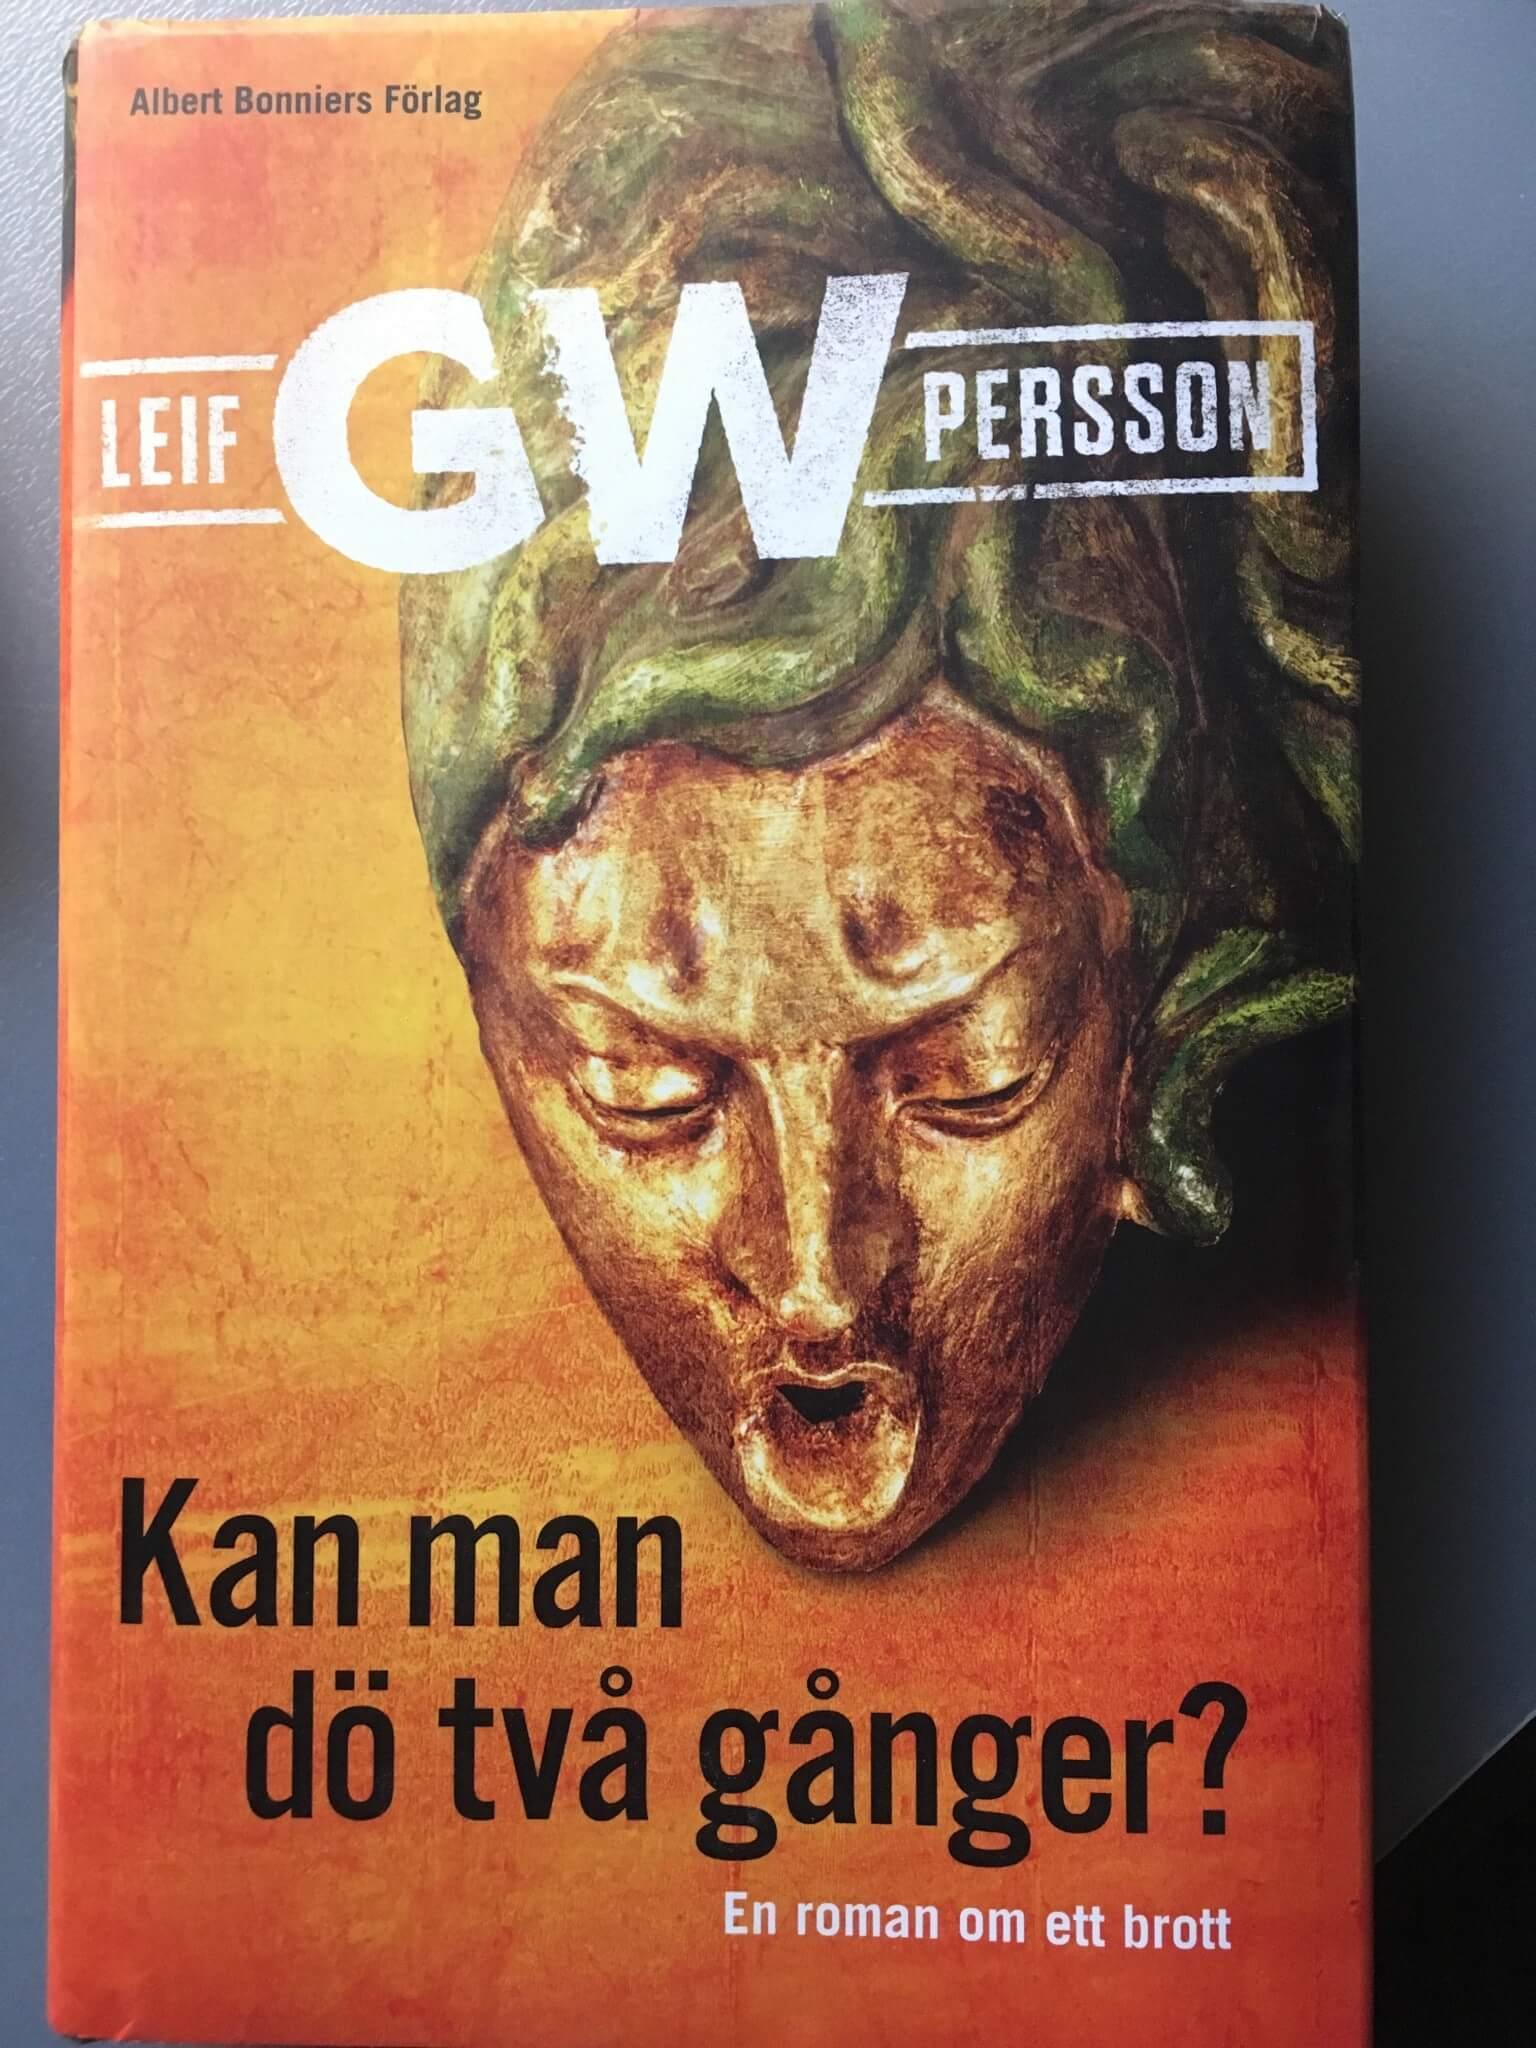 KAN MAN DÖ TVÅ GÅNGER AV LEIF GW PERSSON